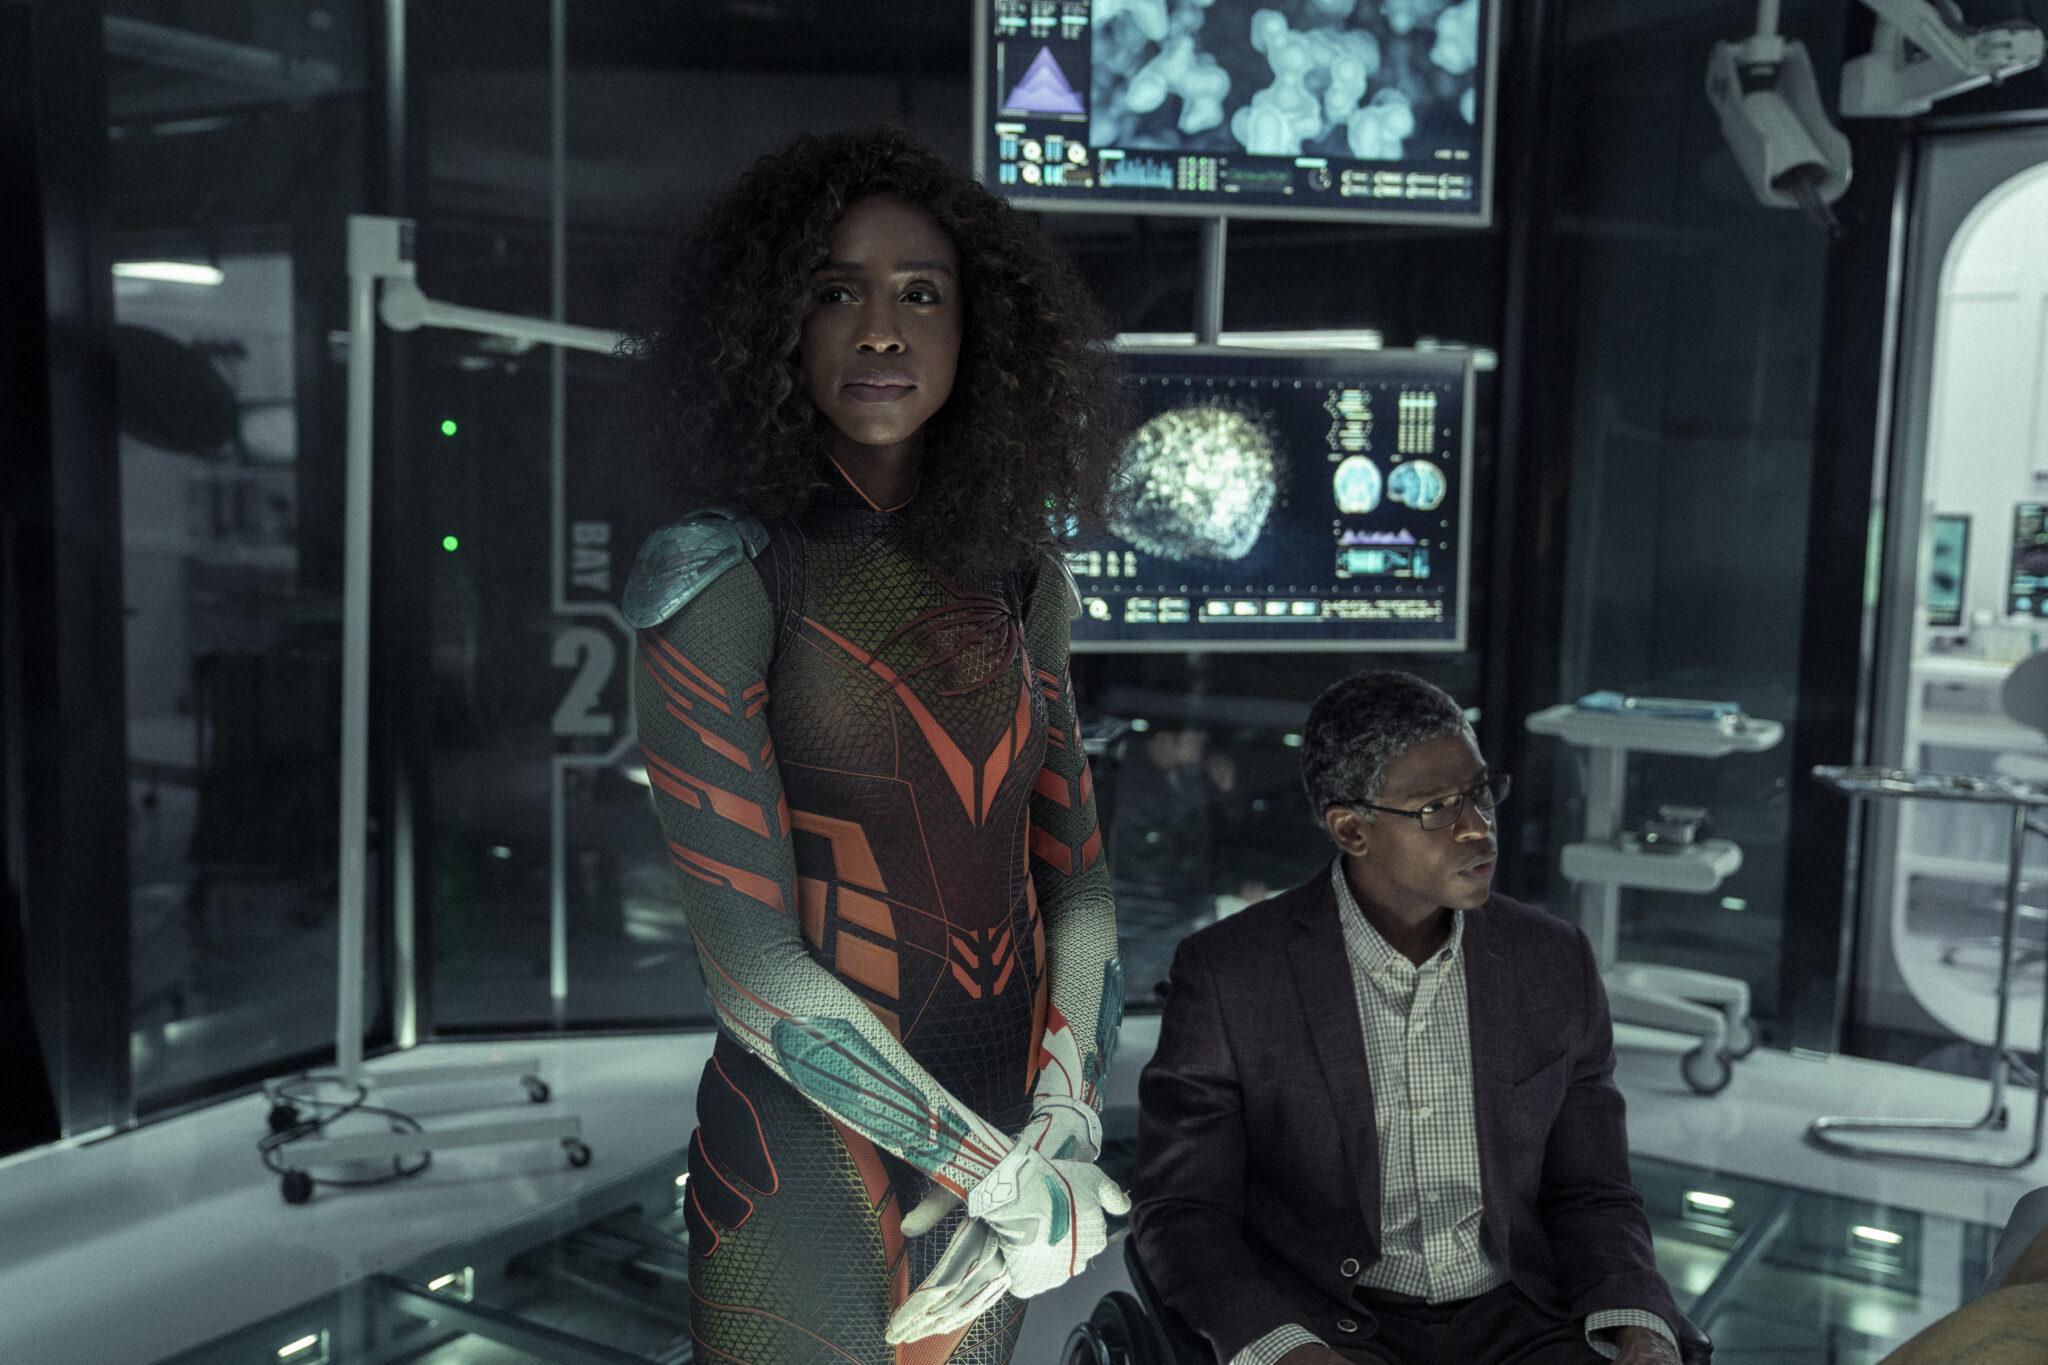 Petra Small und Fitz Small in einem Labor mit Apparaturen und Bildschirmen im Hintergrund. Sie trägt ein enges Heldenkostüm, er sitzt mit Anzug im Rollstuhl rechts neben ihr.